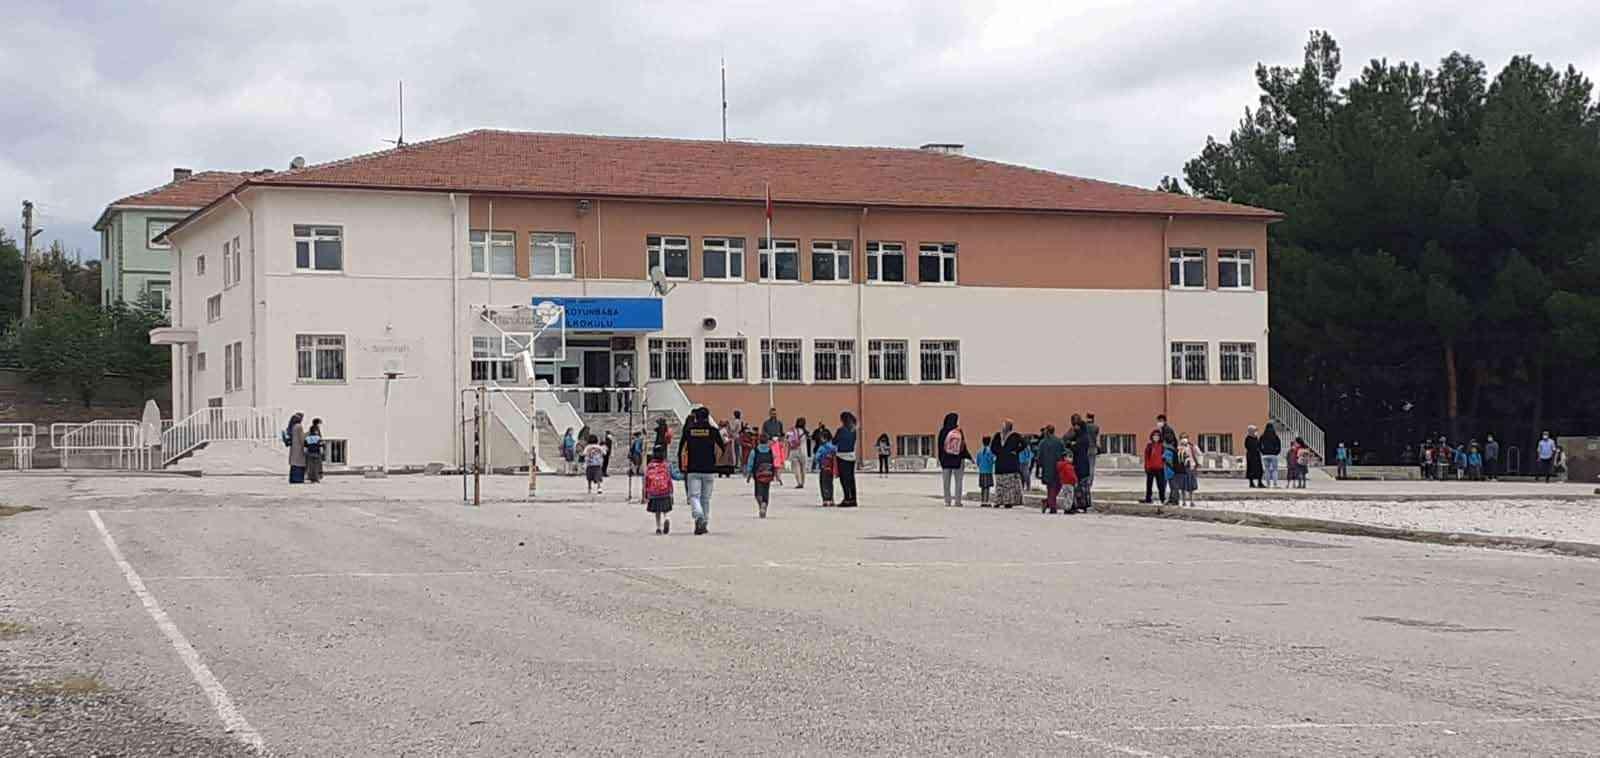 Osmancık'ta 7 sınıf karantinaya alındı #corum